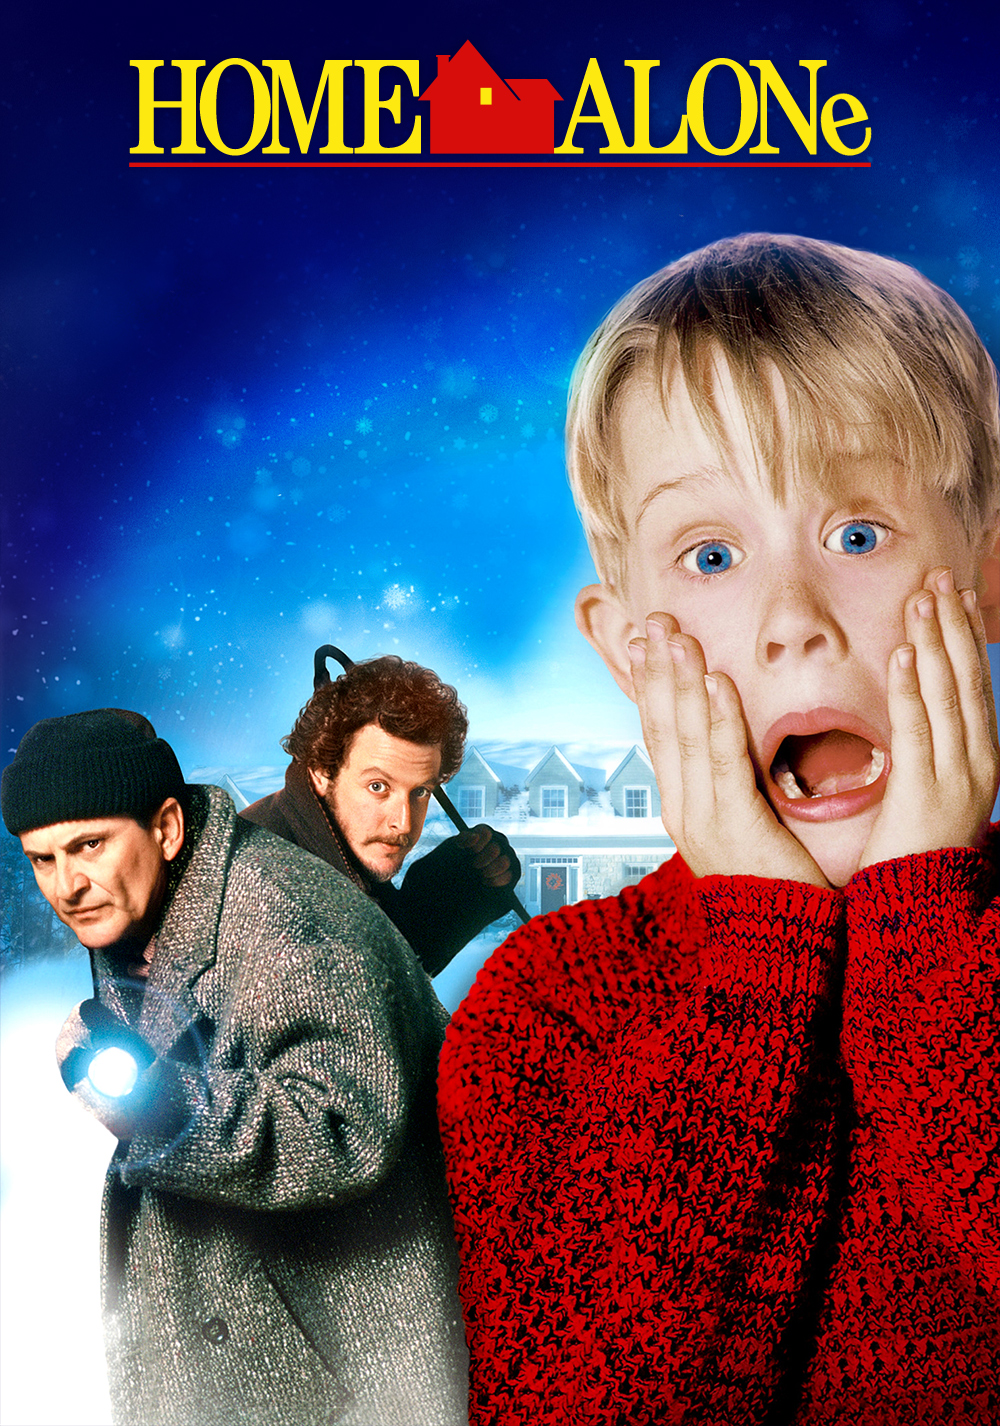 Home Alone | Movie fanart | fanart.tv